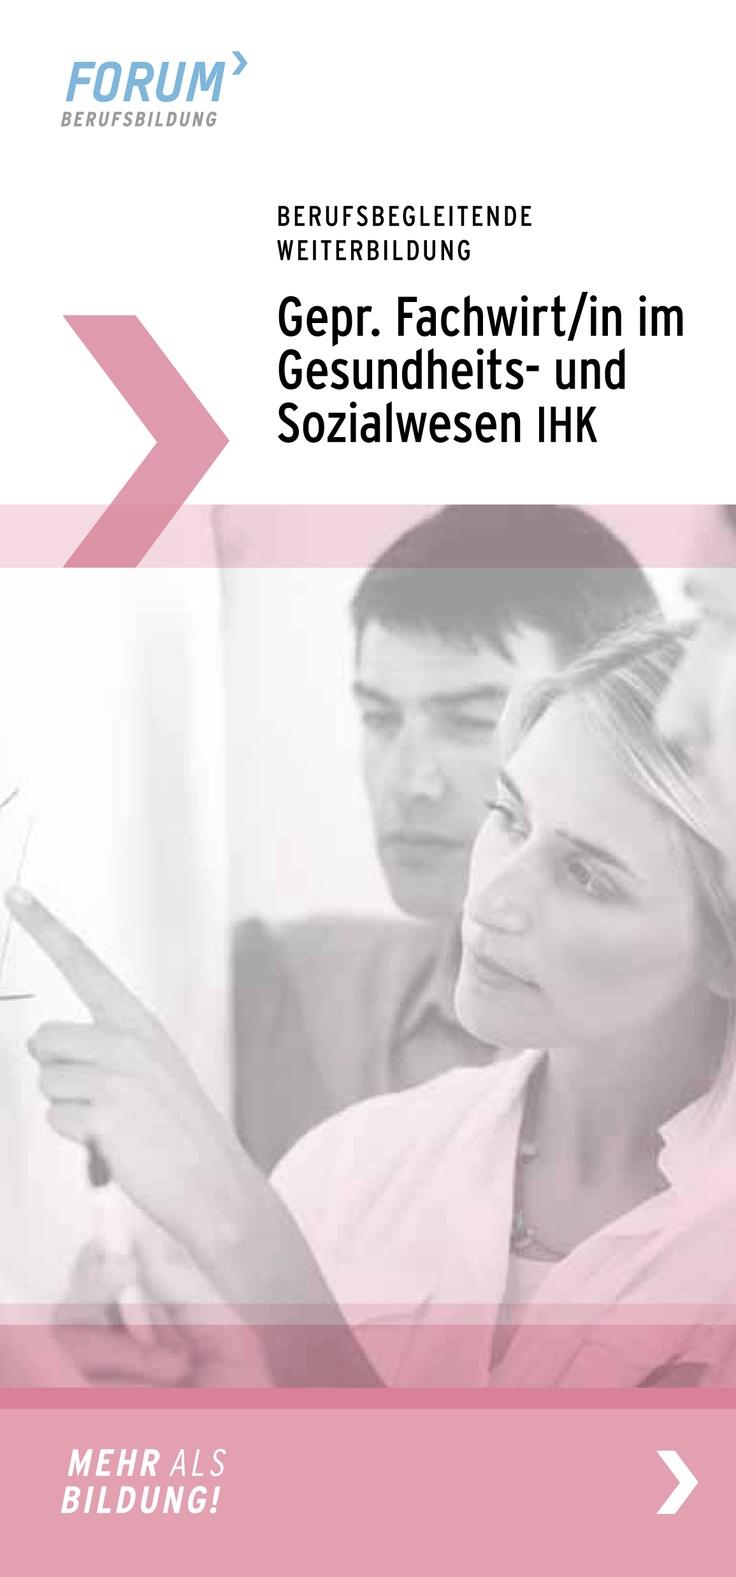 Absolvieren Sie eine berufsbegleitende Weiterbildung in Berlin zum/r Fachwirt/in  im Gesundheits-und Sozialwesen IHK. Weitere Infos: http://www.forum-berufsbildung.de/Berufsbegleitende-Weiterbildung-in-Berlin.116.0.html